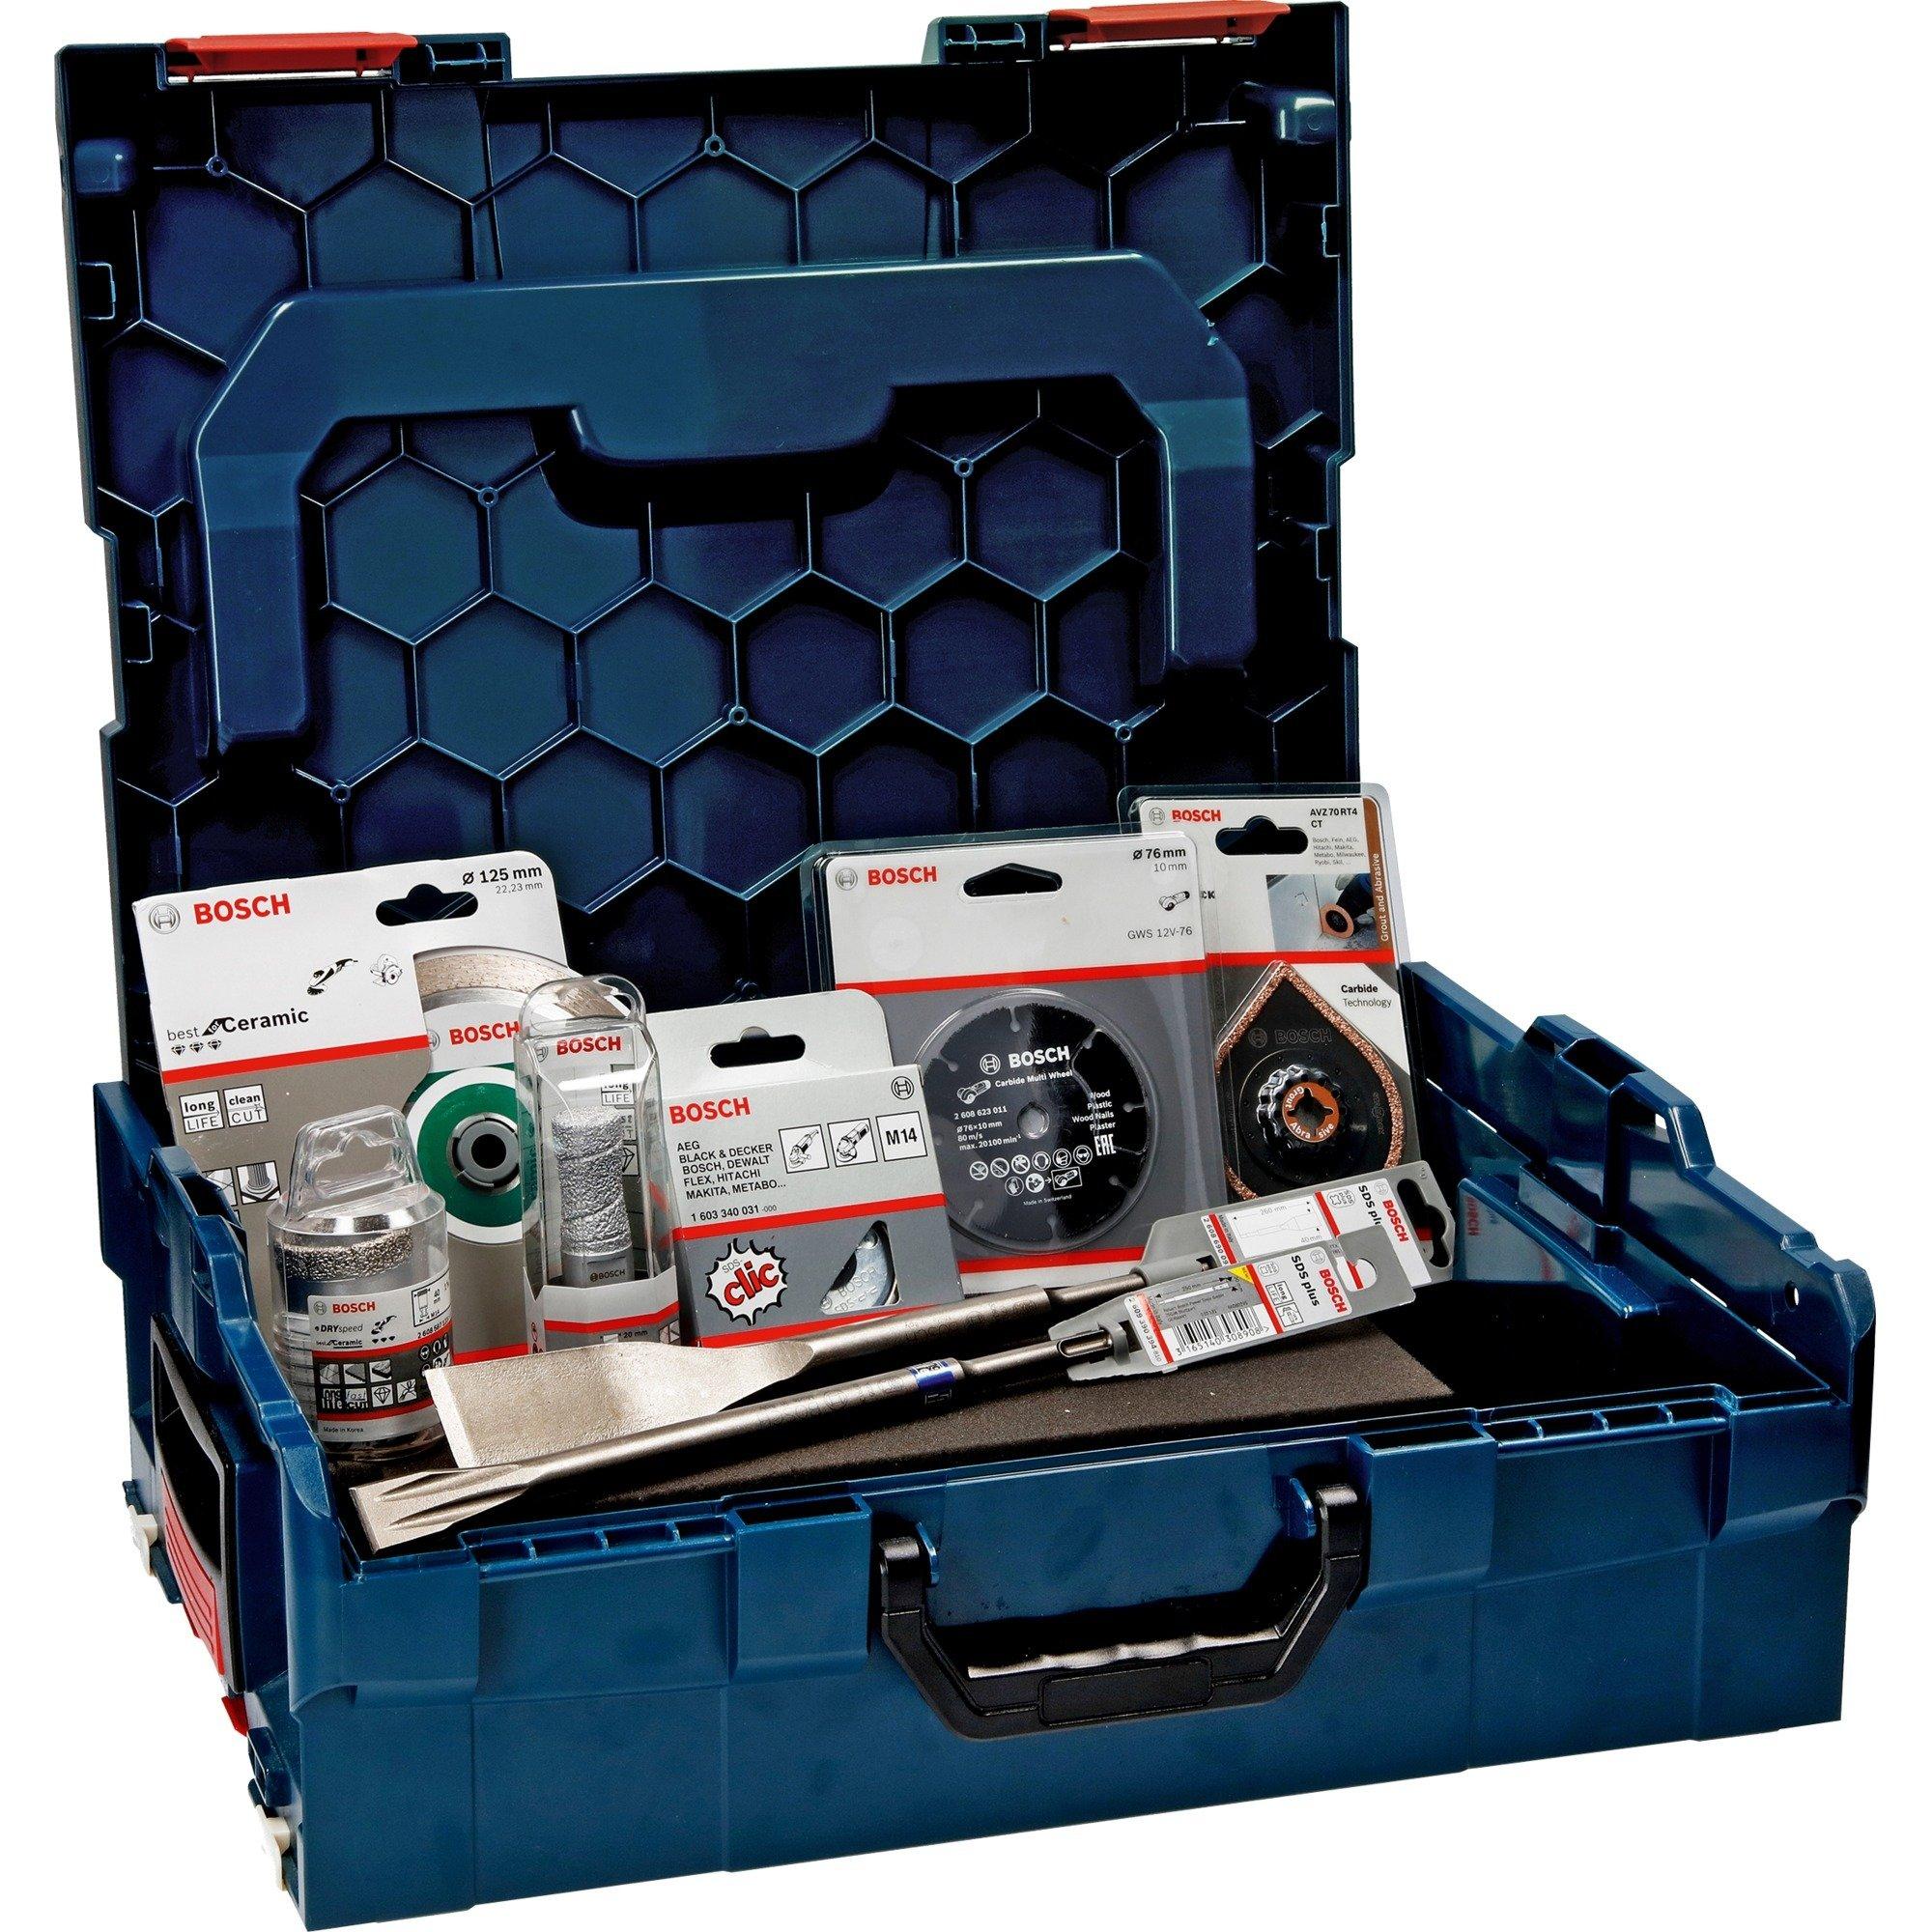 06159975N0, Kit de herramientas